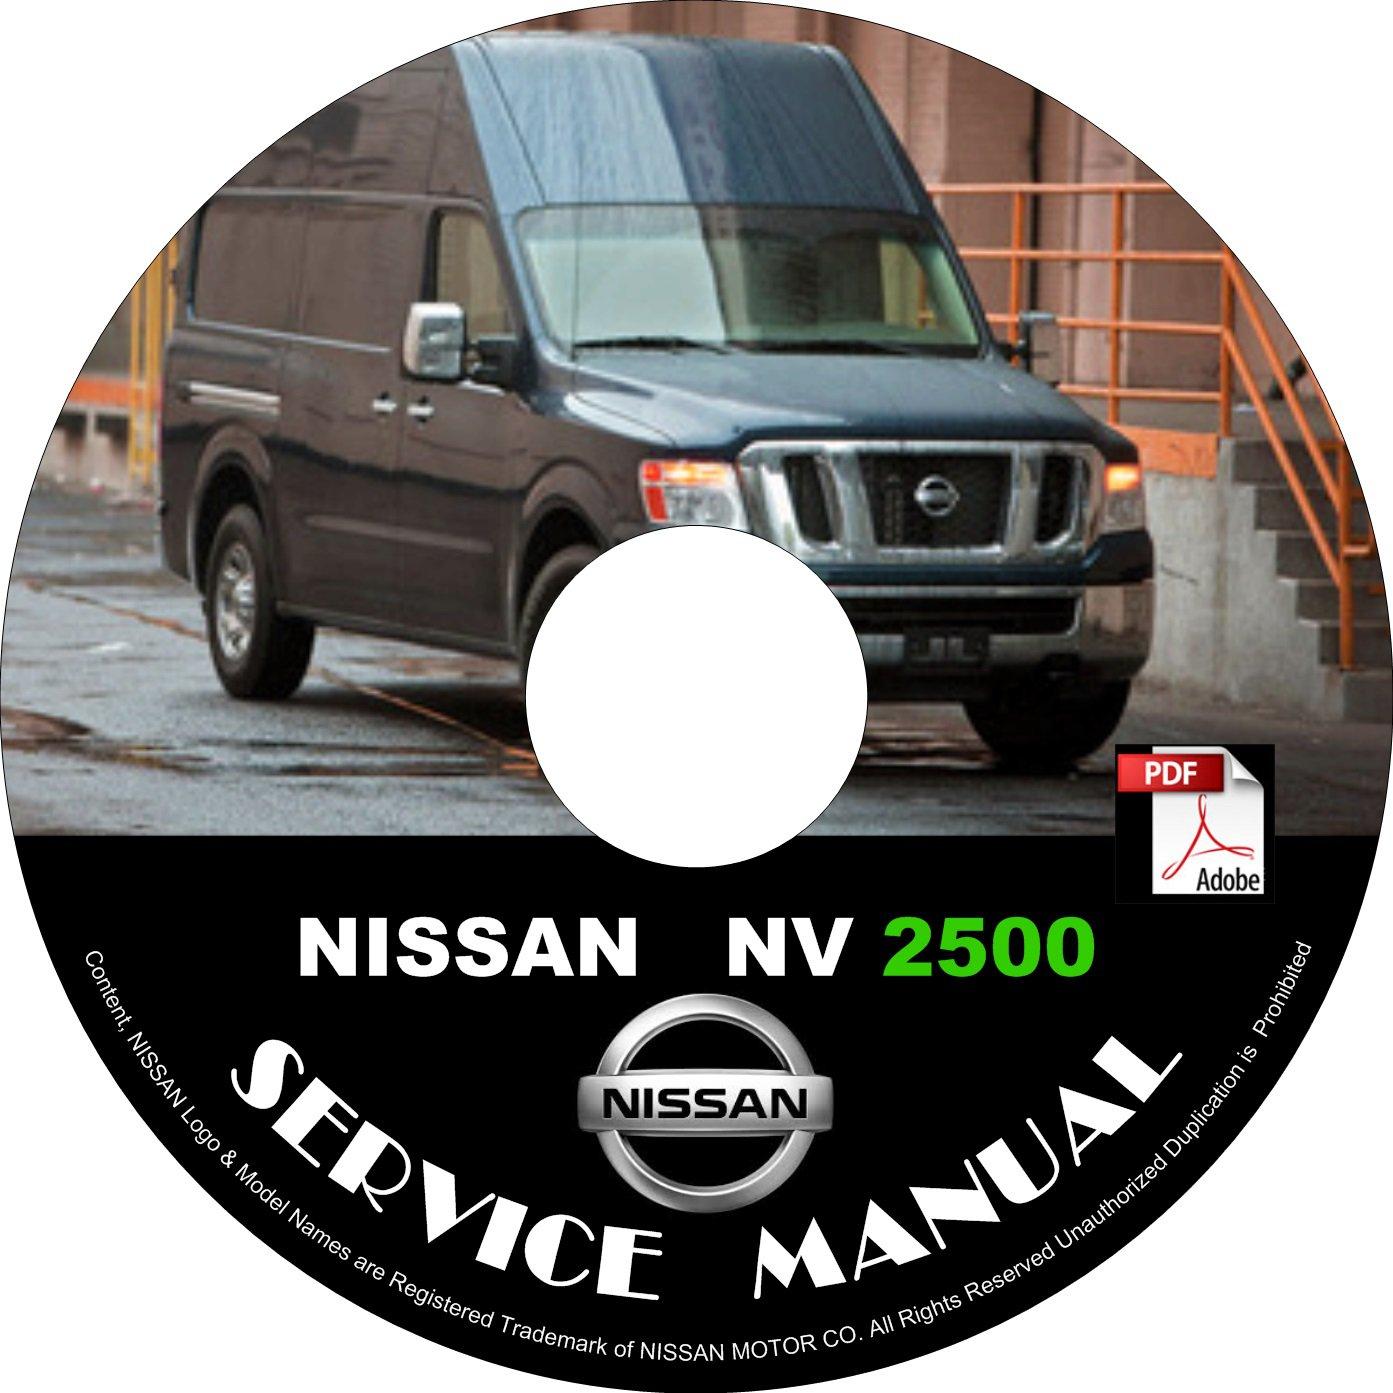 2012 Nissan NV 2500 Factory Service Repair Shop Manual on CD Fix Repair Rebuild '12 Workshop Guide